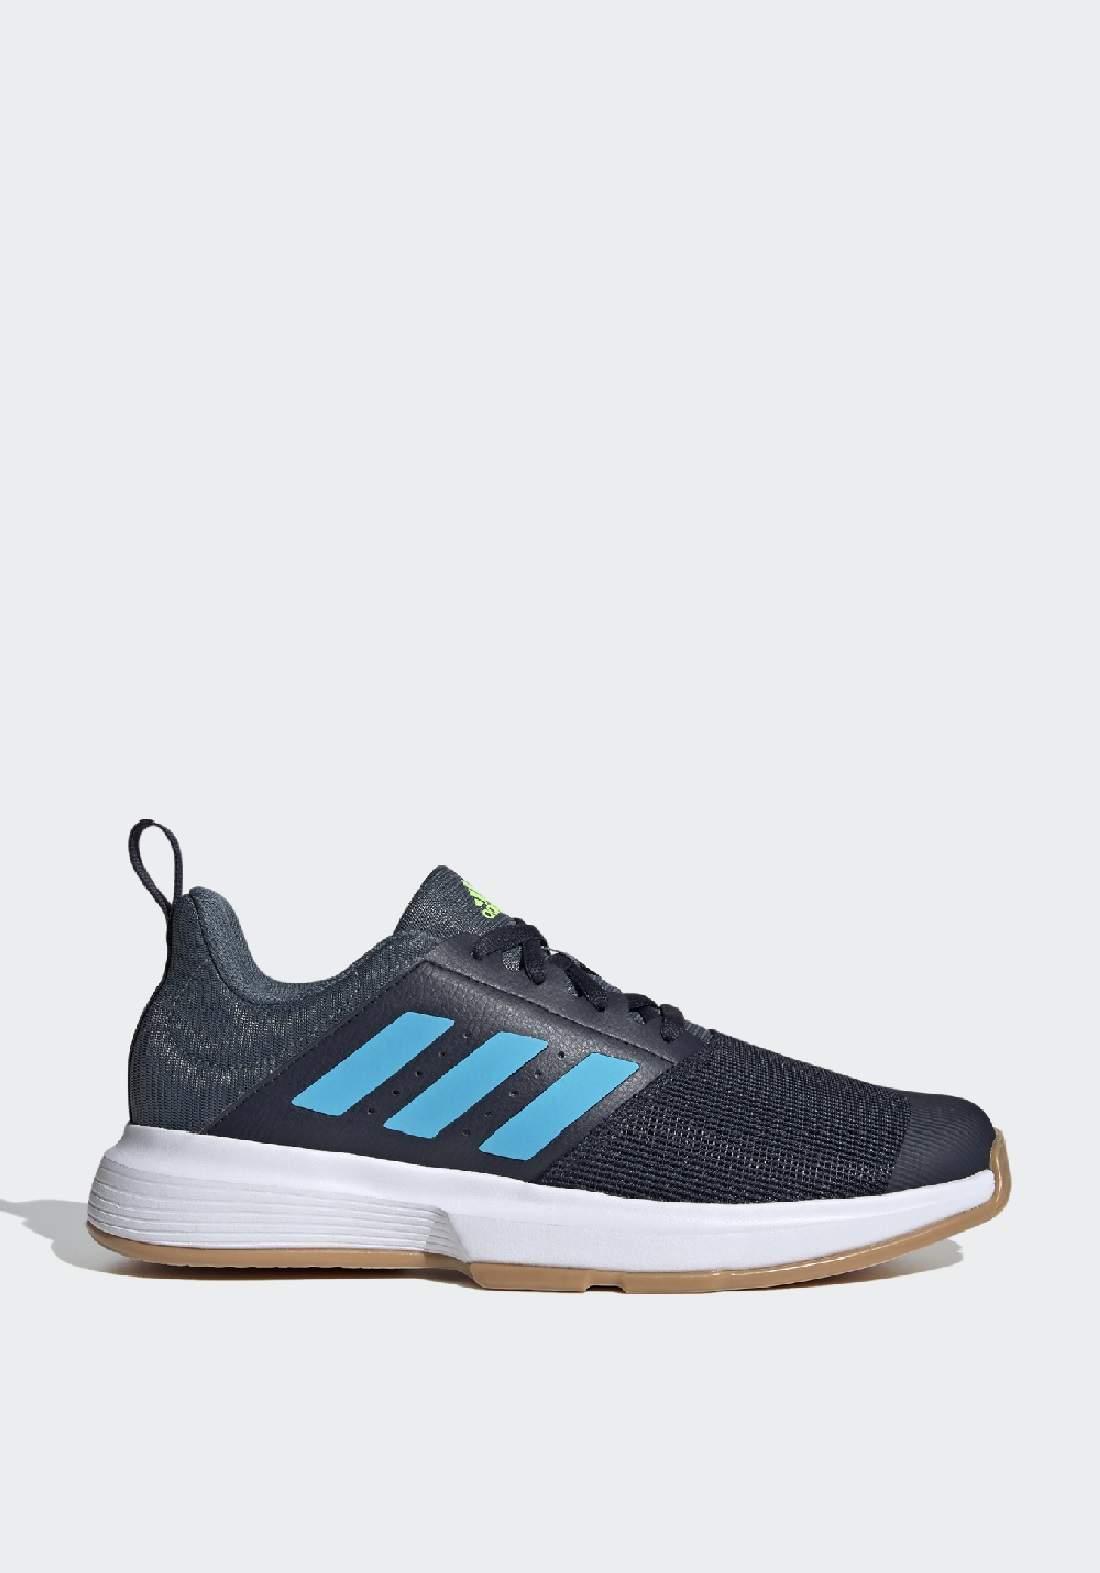 Adidas حذاء رجالي رياضي رصاصي اللون من